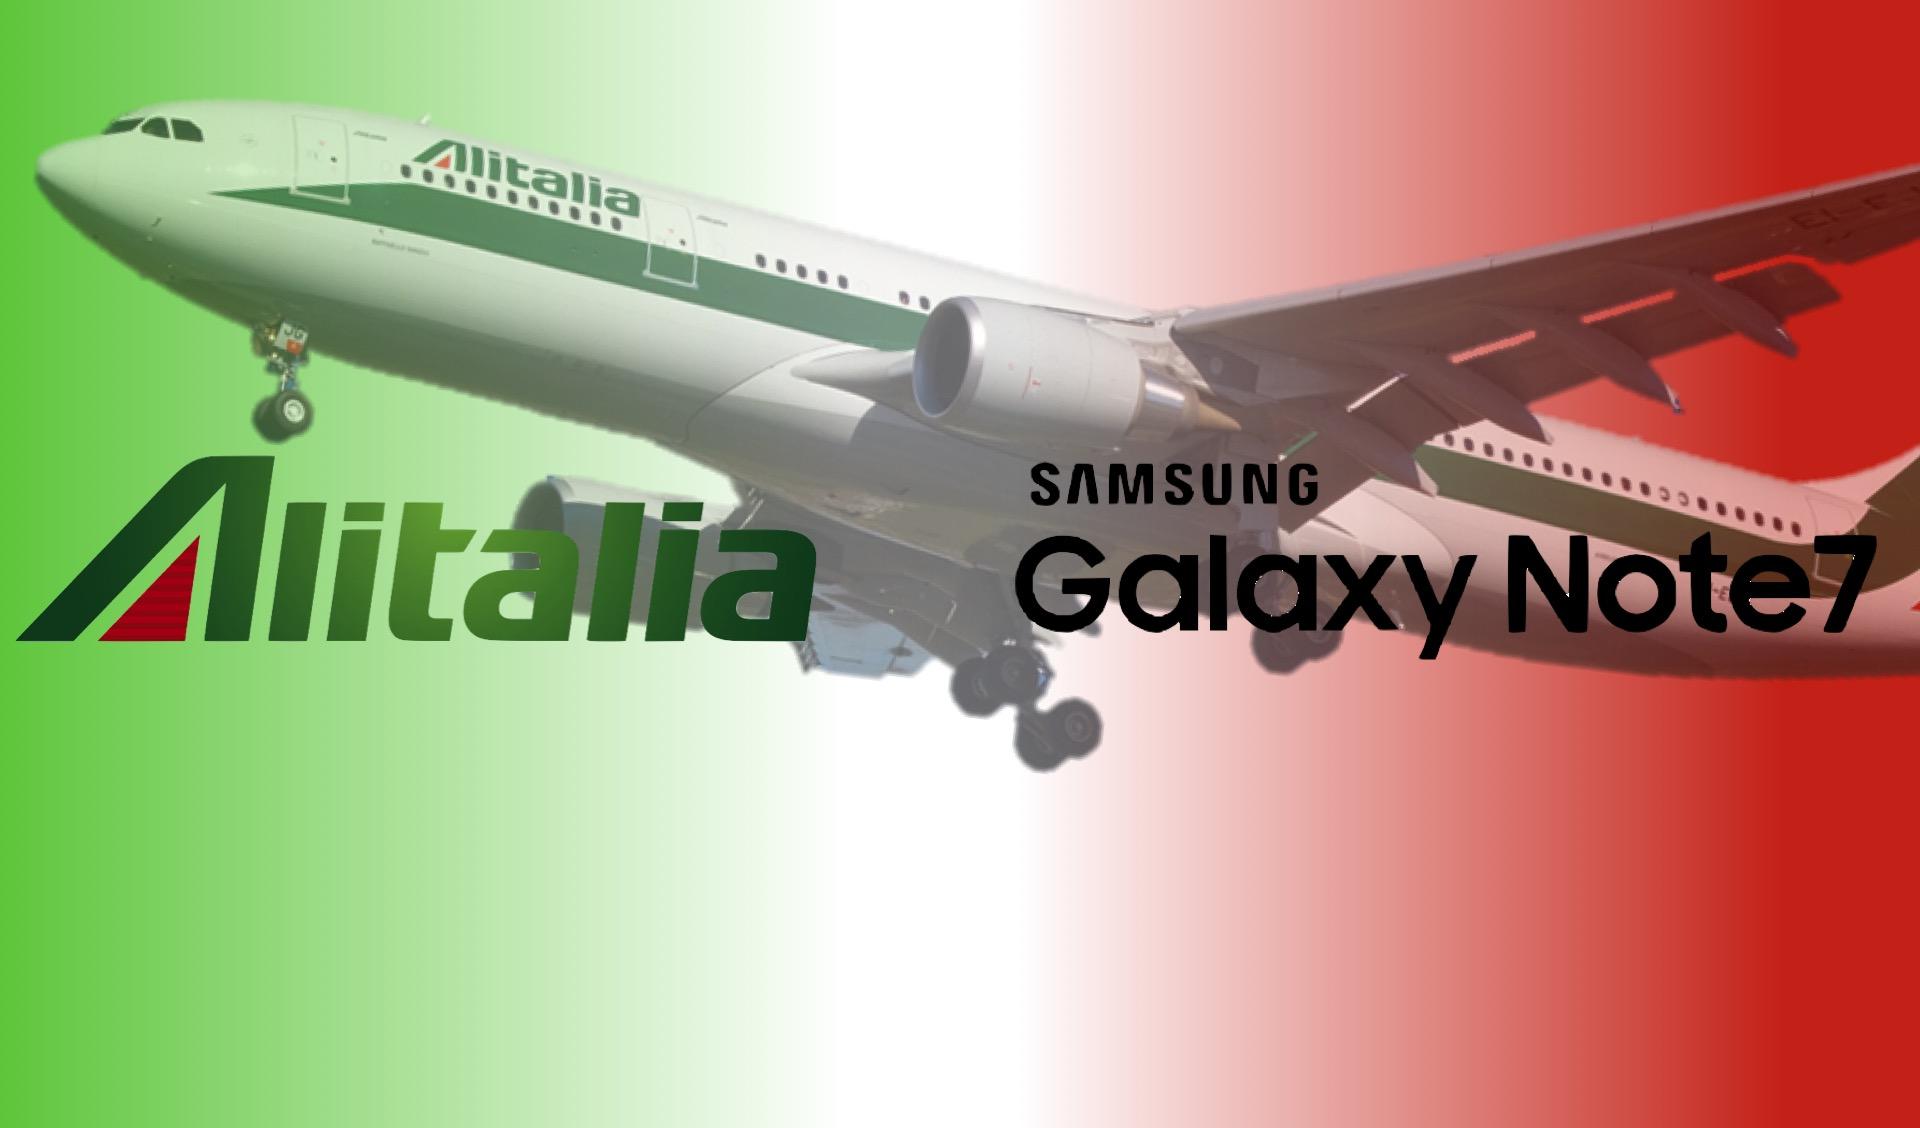 Samsung Galaxy Note 7 escluso dai voli Alitalia: minaccia la sicurezza dei passeggeri